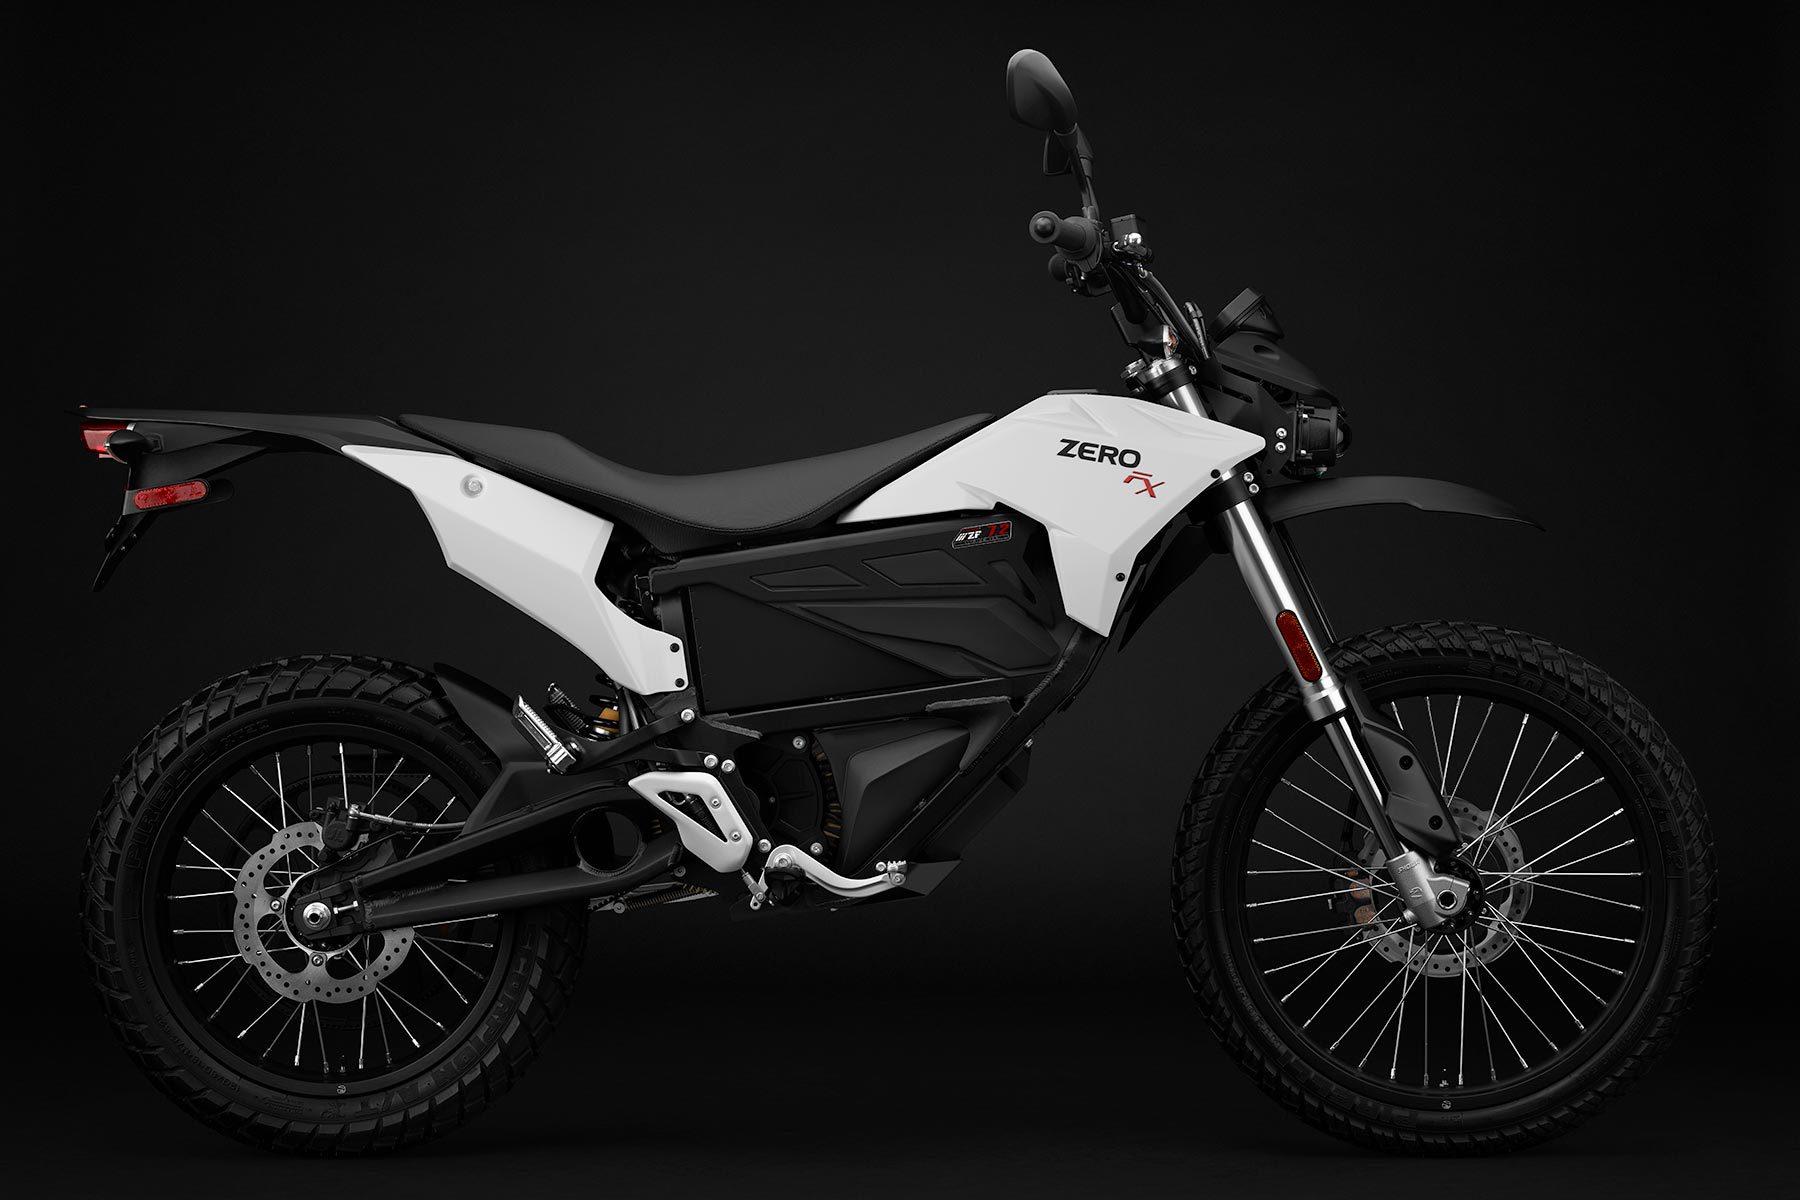 E moto - Page 2 Zero-fx-studio-profile_450a7640